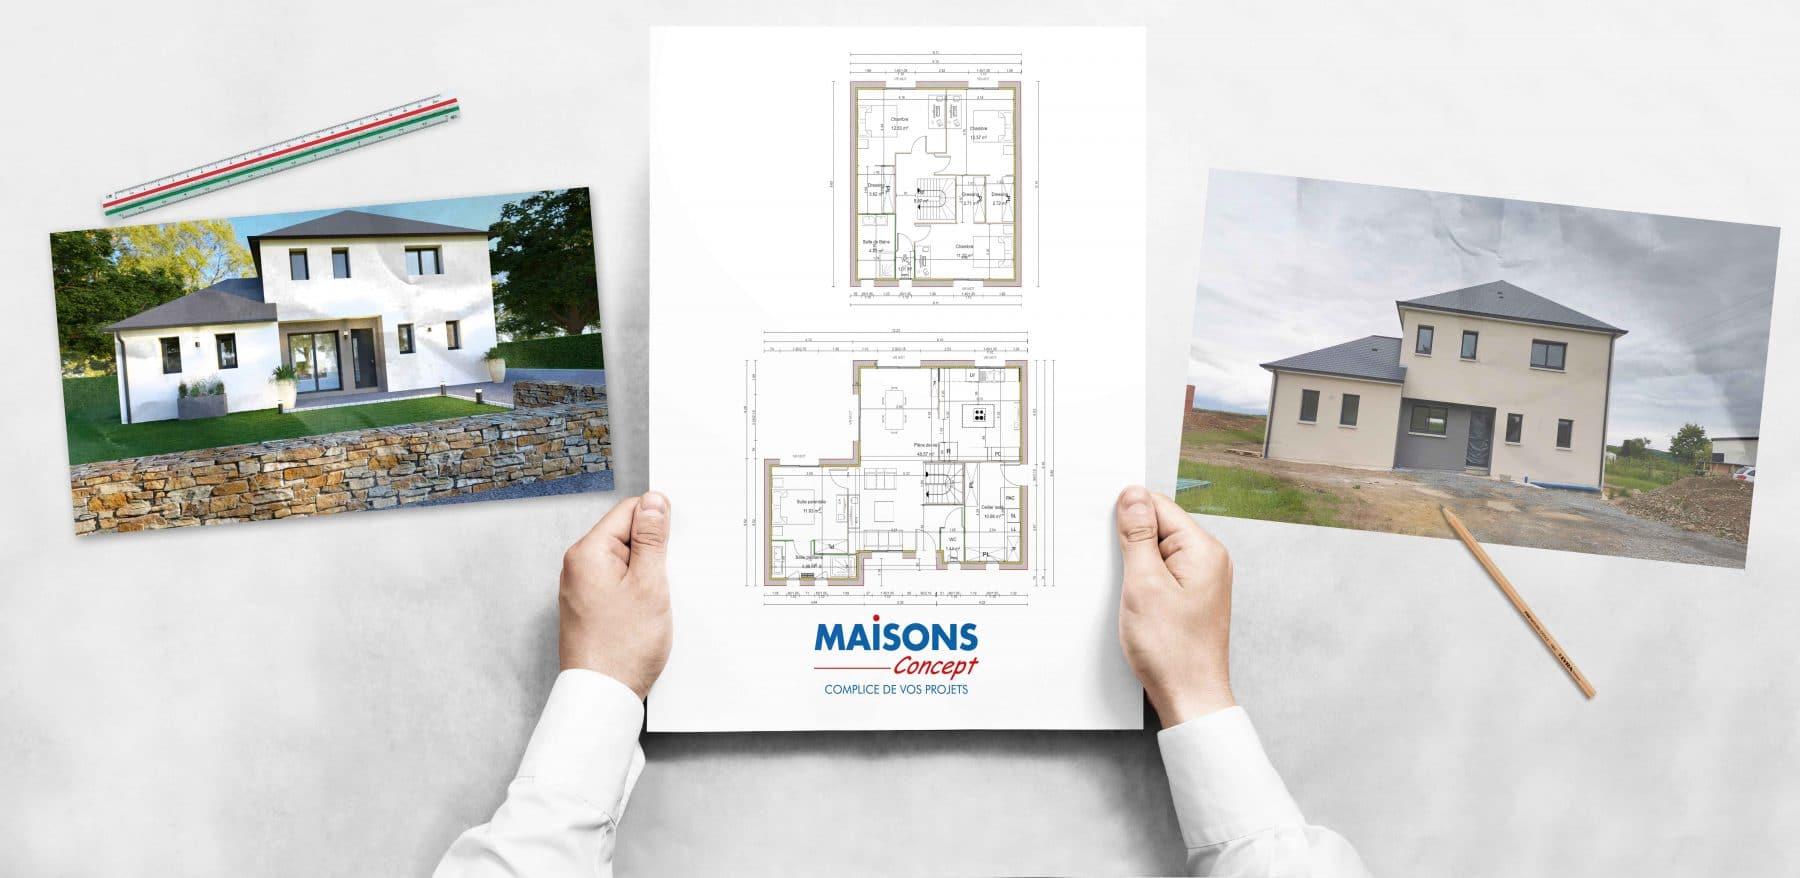 un-chantier-maisons-concept-a-segrie-fontaine-(61100)